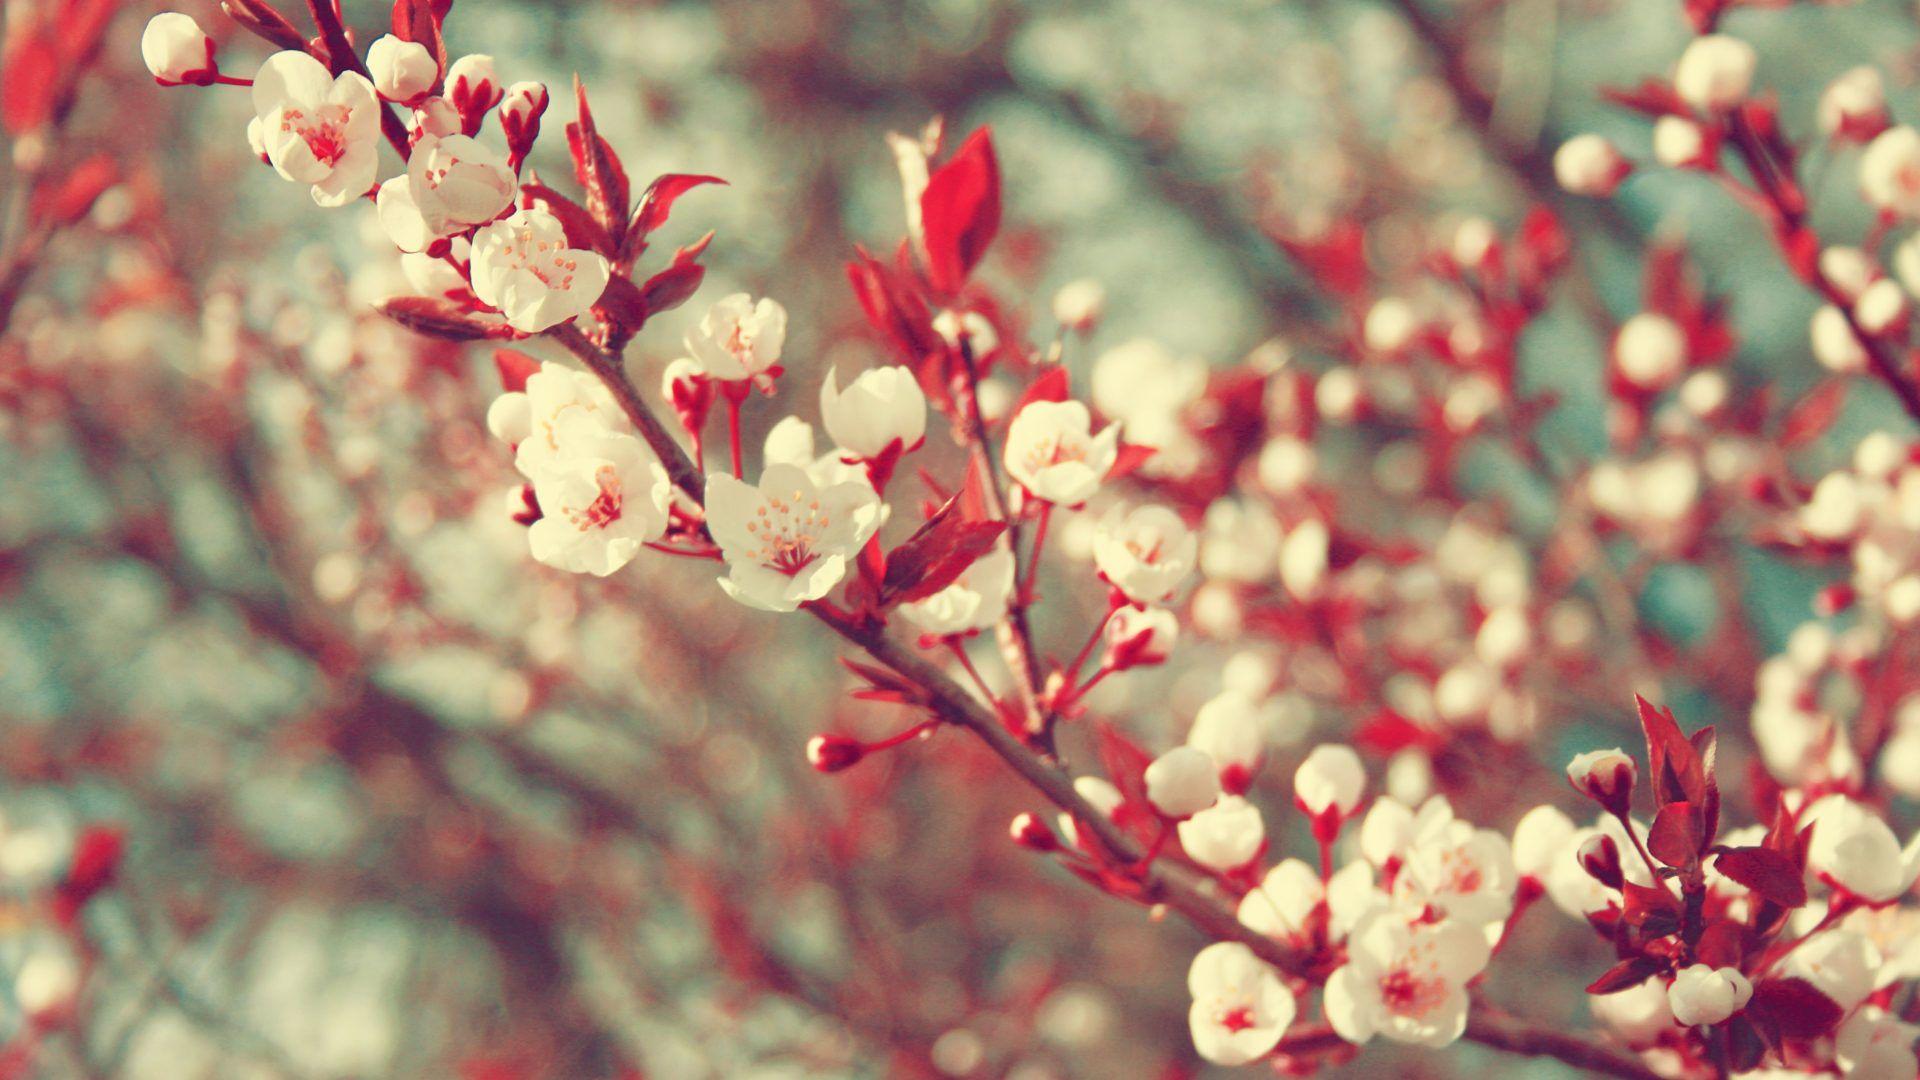 Cute Spring hd desktop